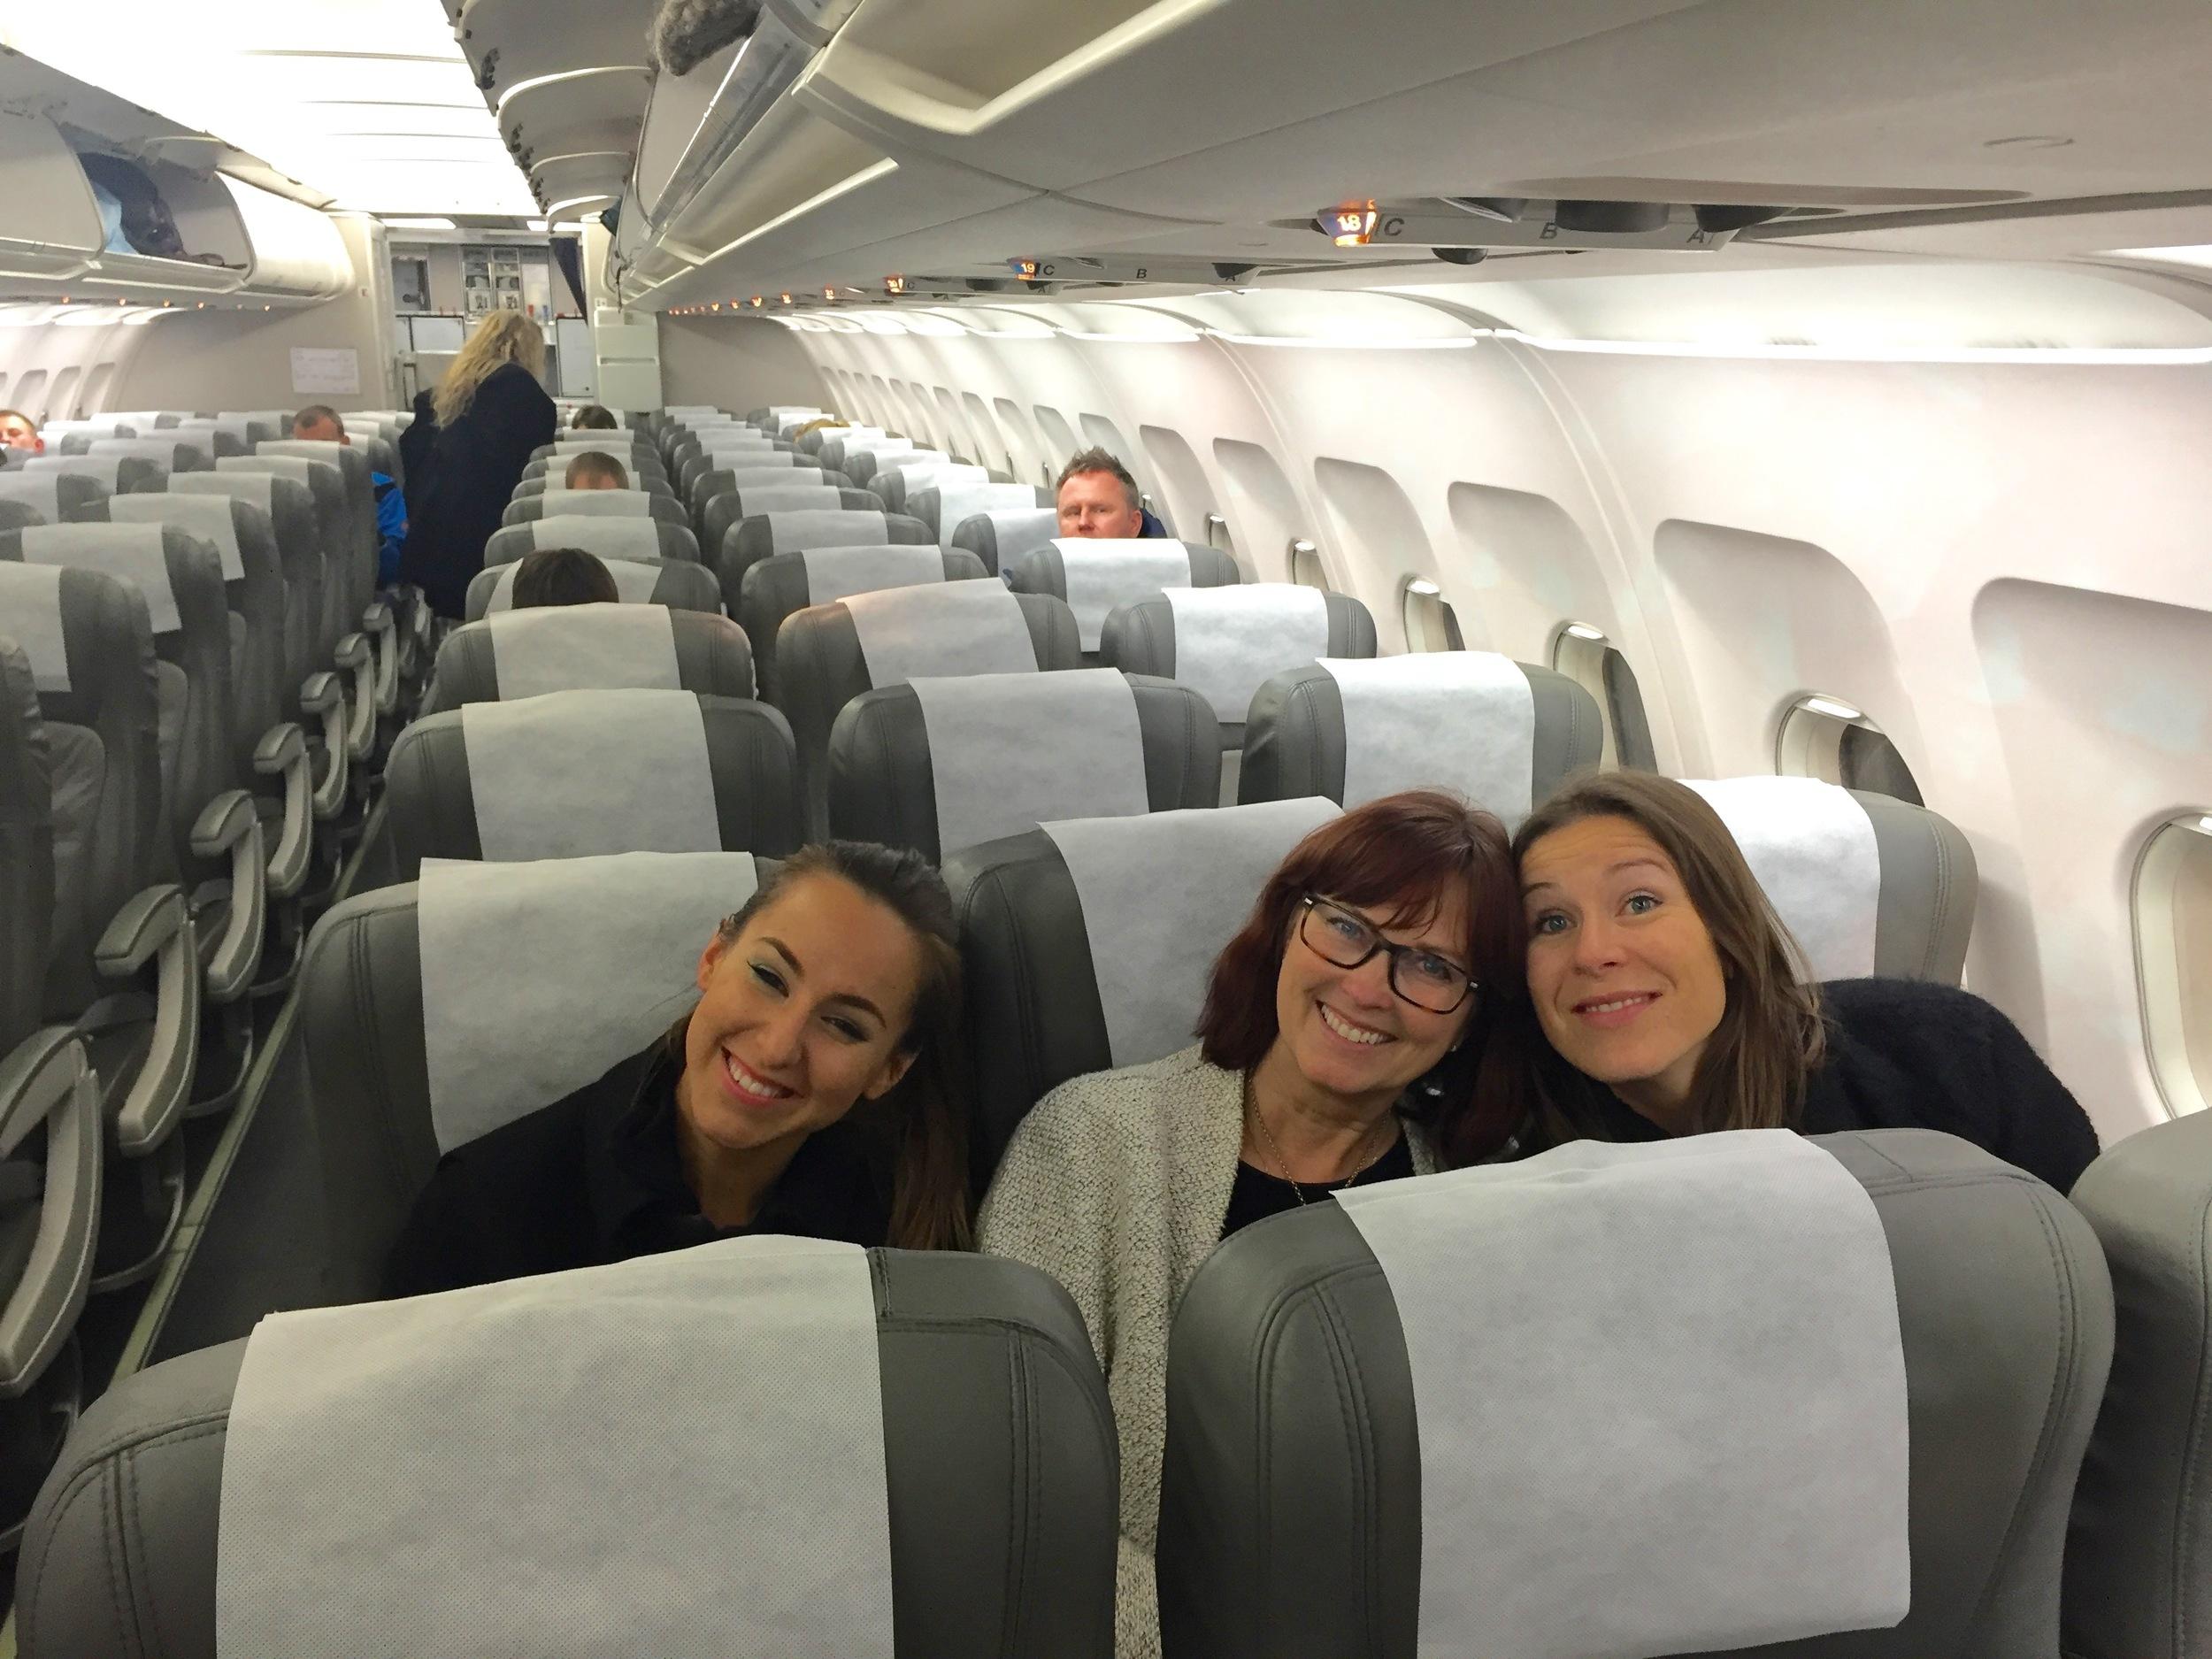 Bli en reiseekspert og gjør flyturen bedre for deg selv og for alle de andre.    Foto: Odd Roar Lange